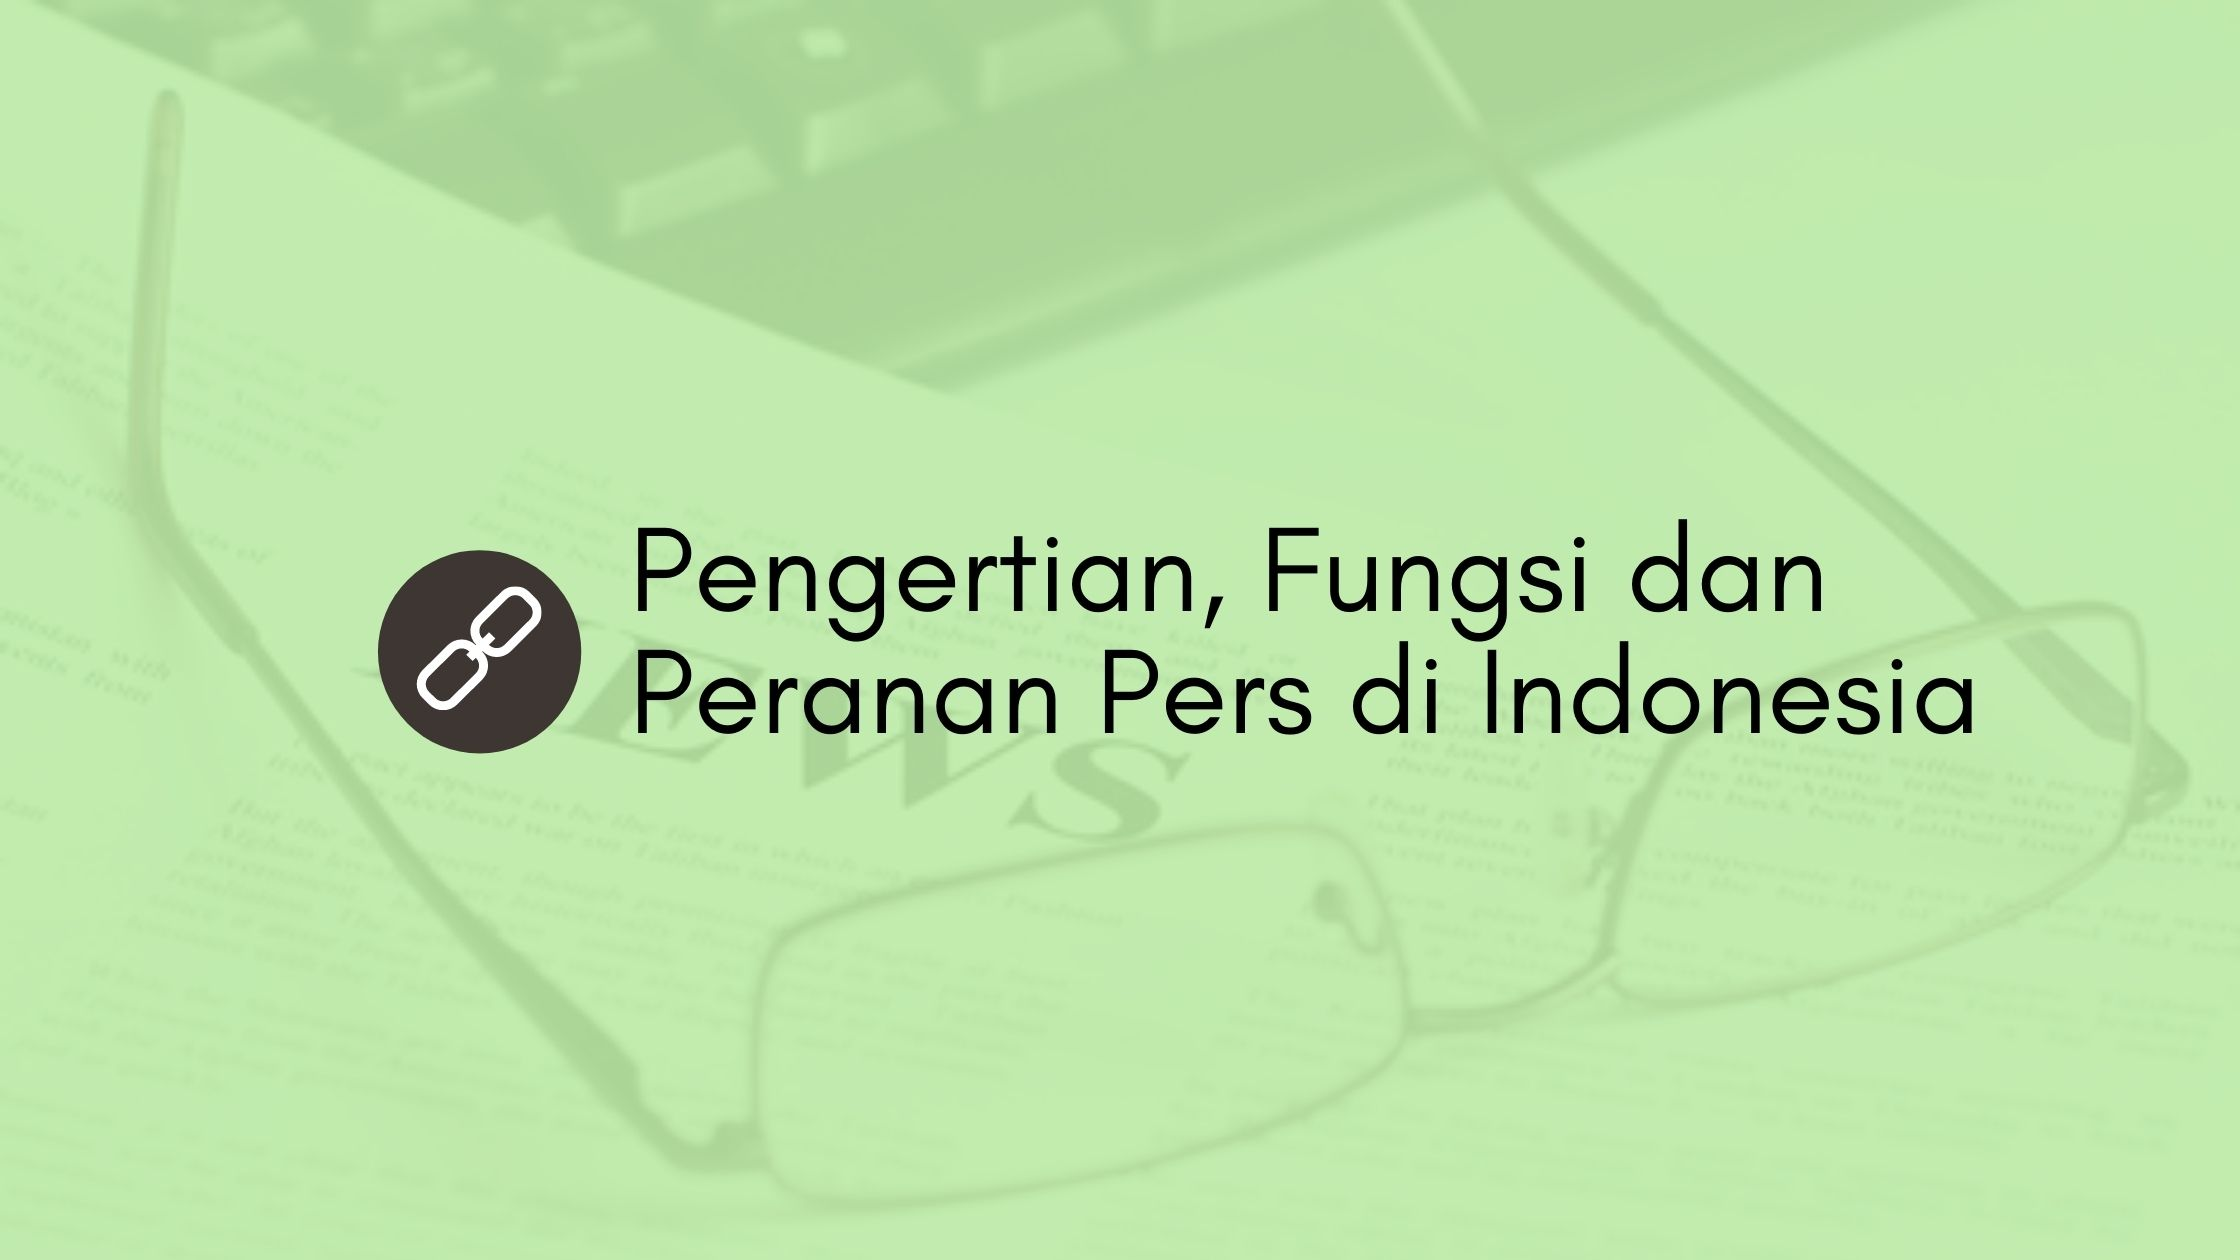 Pengertian, Fungsi dan Peranan Pers di Indonesia